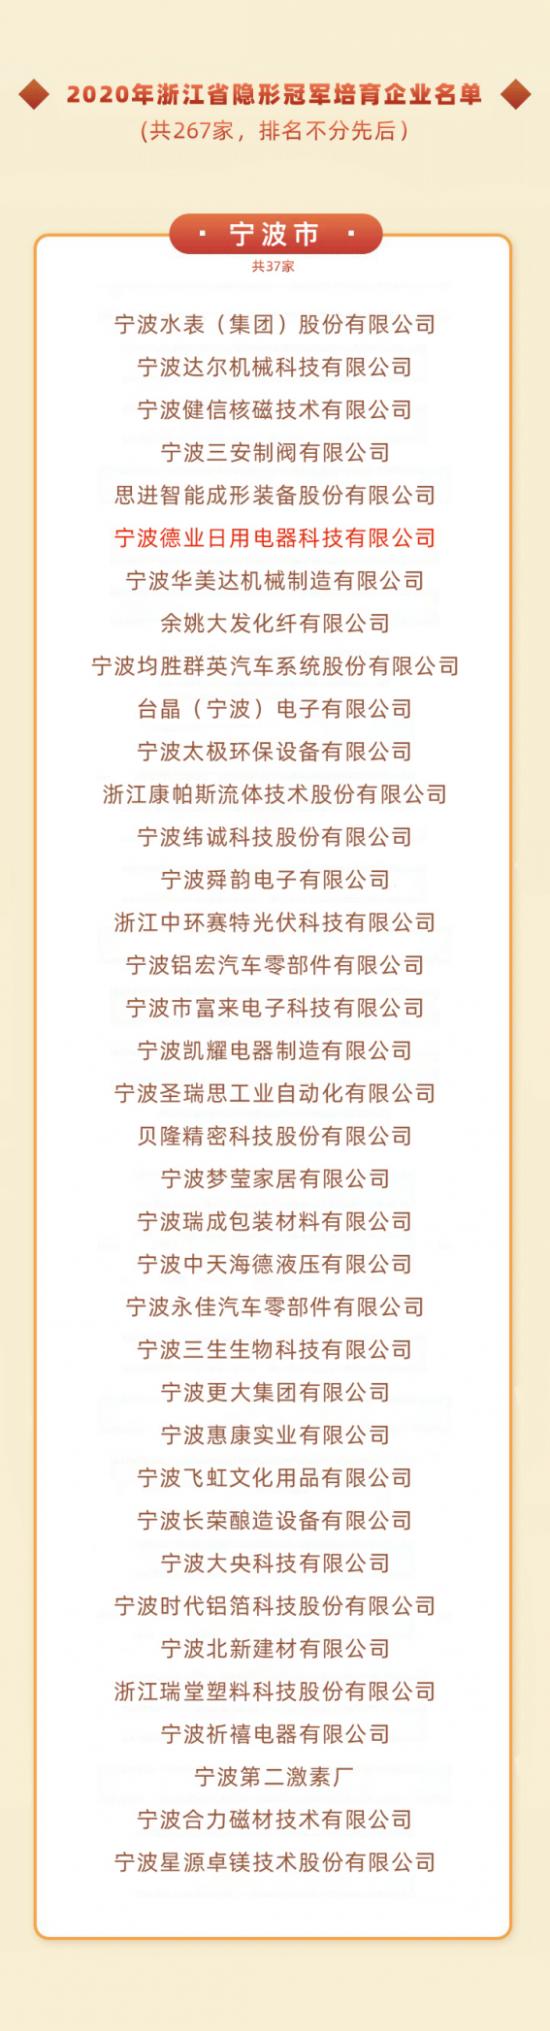 爱游戏体育平台荣登2020年度浙江省隐形冠军培育企业名单